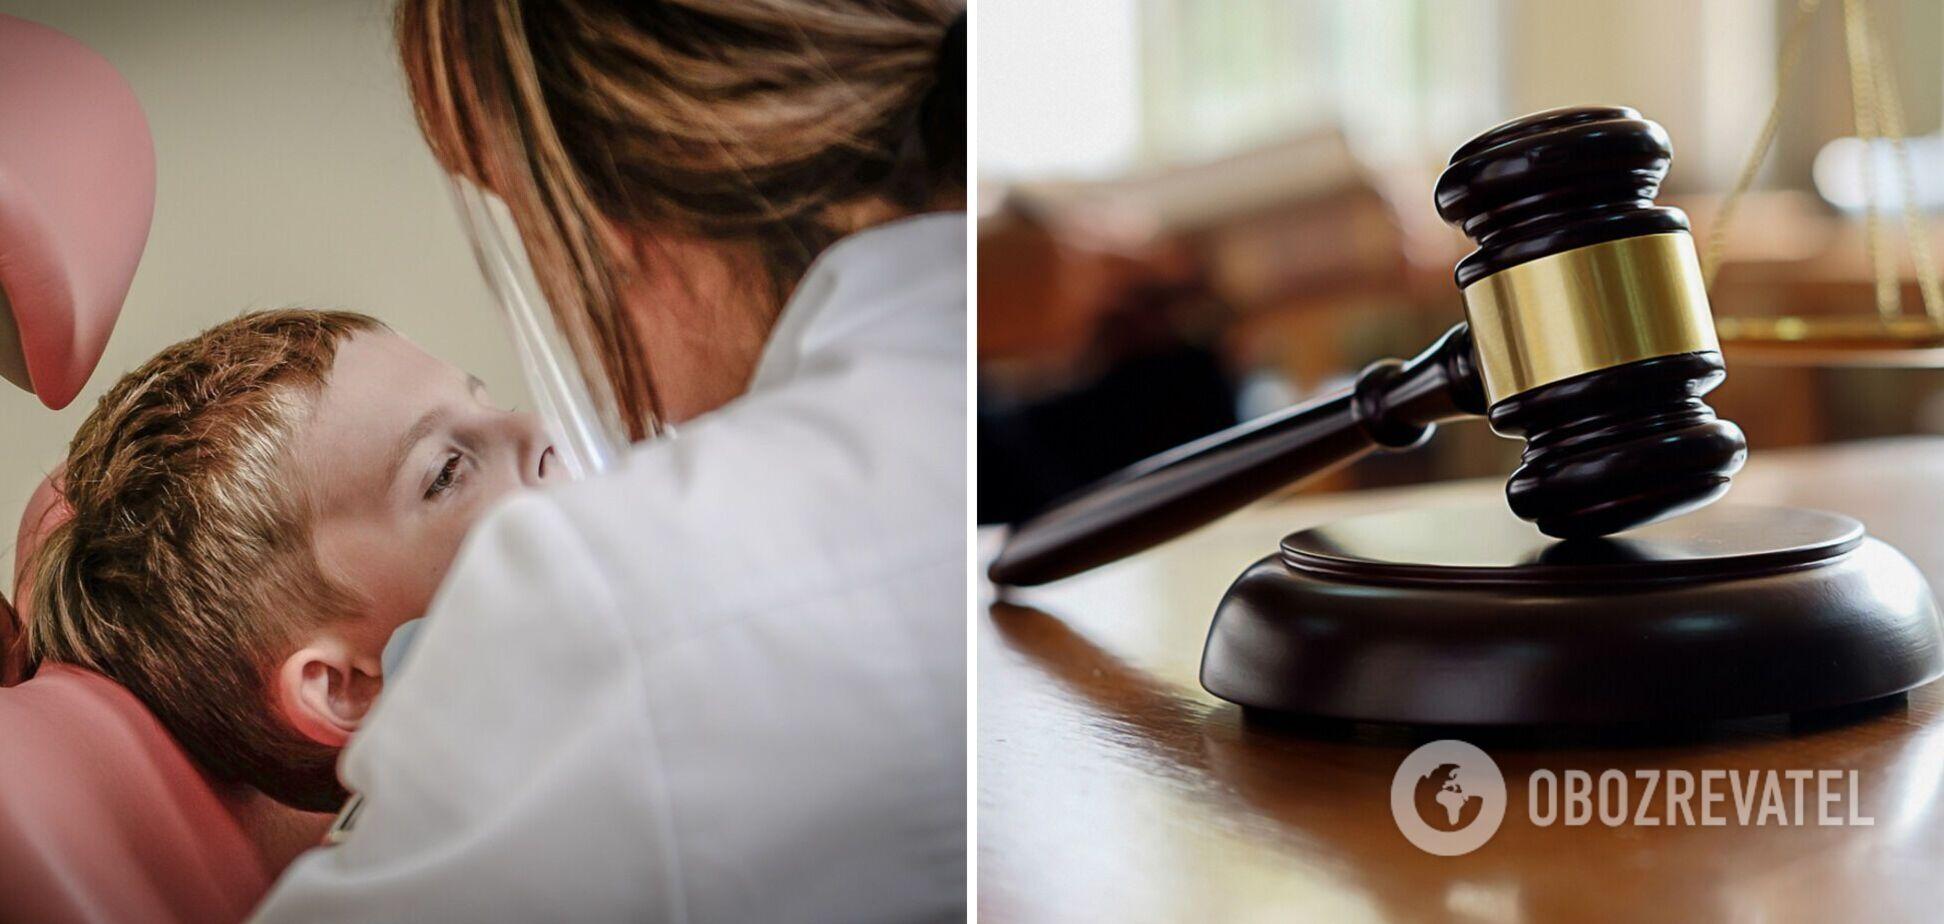 У Рівному відбувся суд над стоматологинею, підозрюваною в побитті дітей